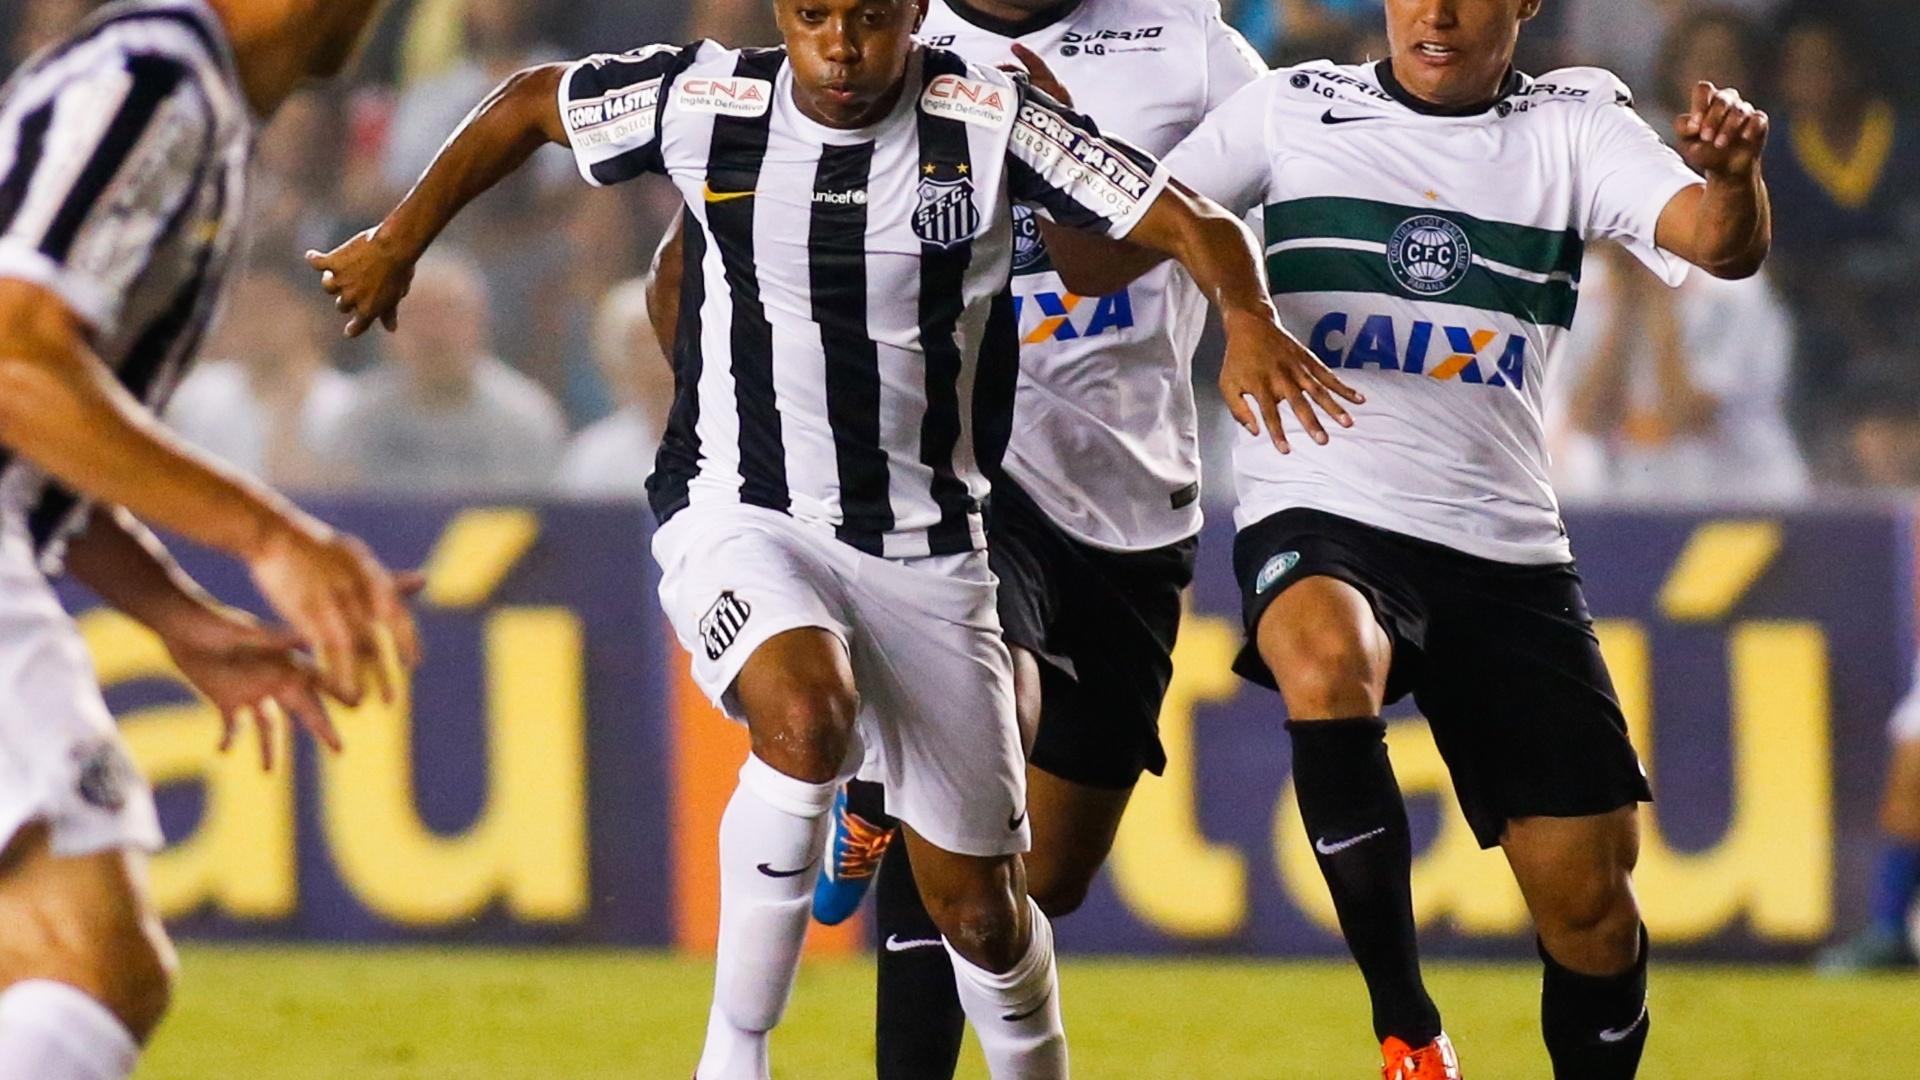 Robinho avança com a bola enquanto é perseguido por jogadores do Coritiba